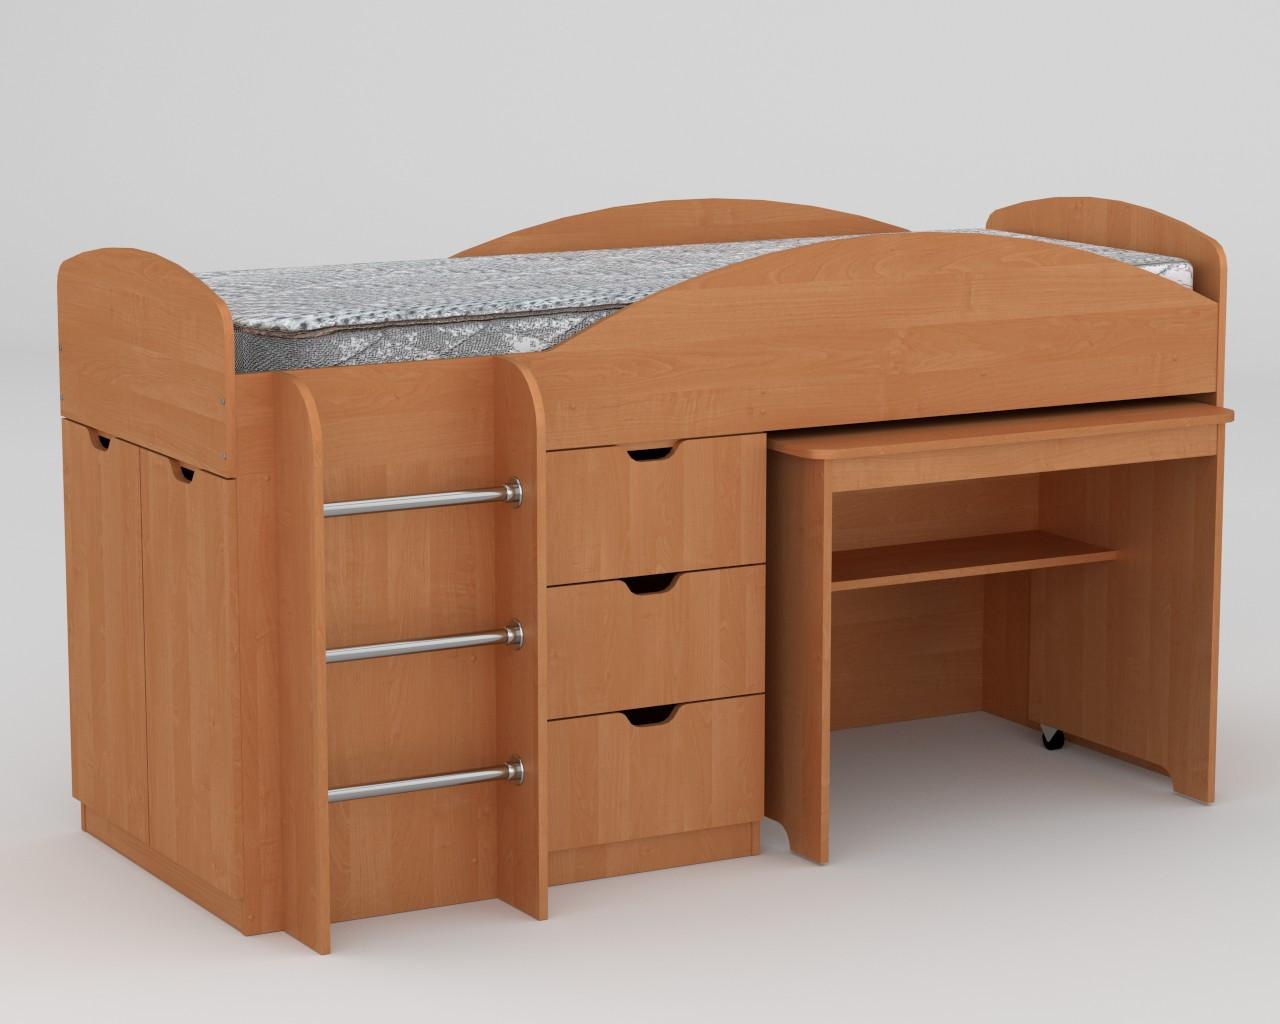 Кровать с матрасом ЭКО-52 Универсал ольха компанит (194х89х106 см)